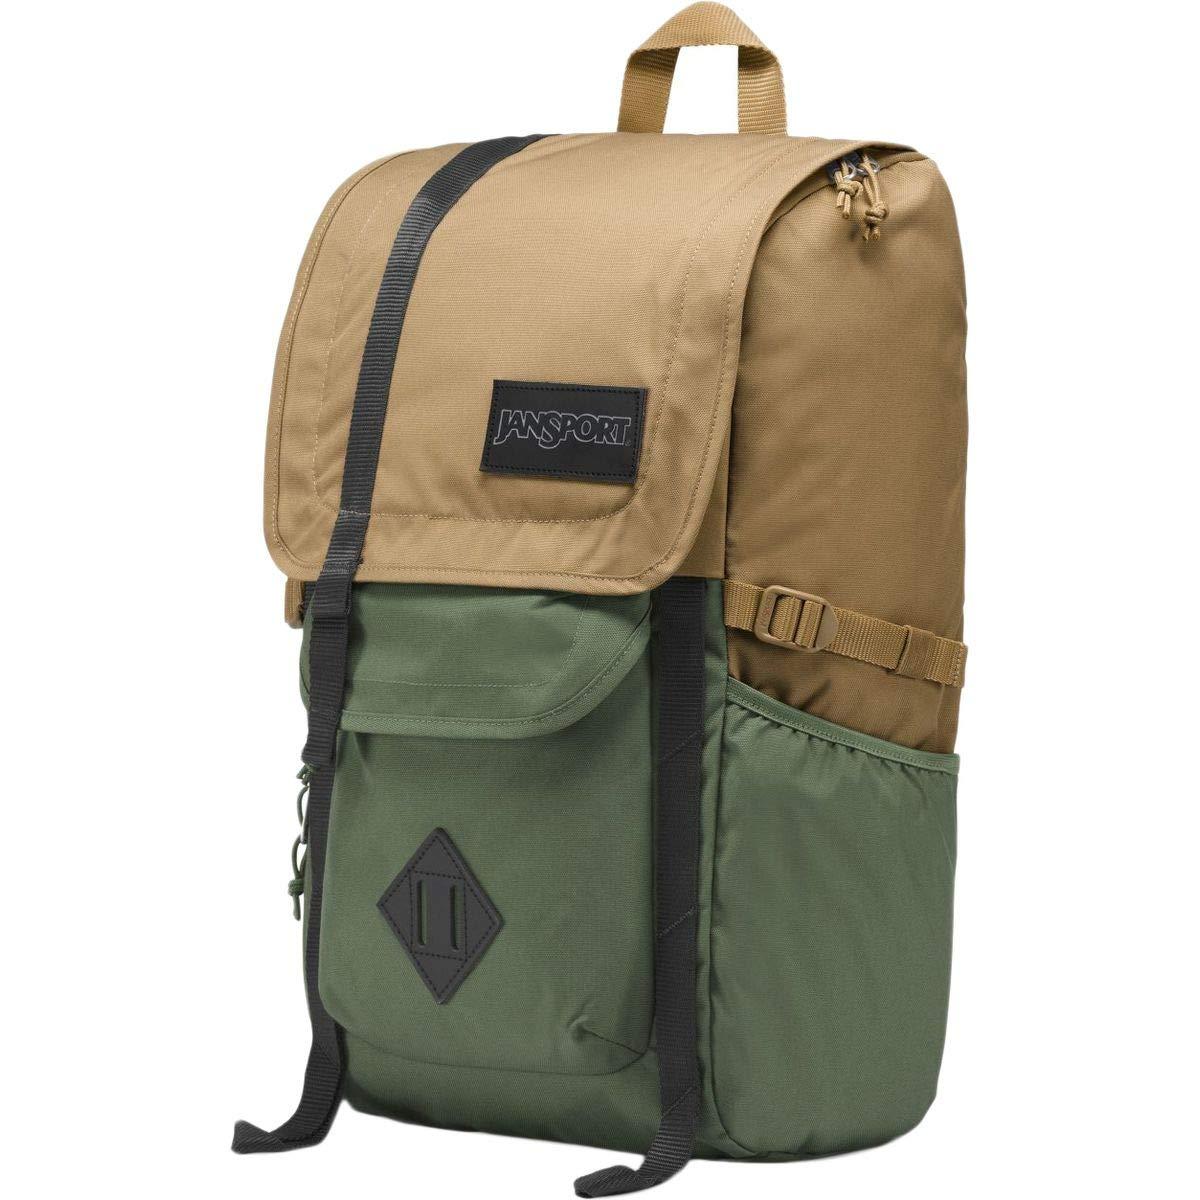 [ジャンスポーツ] メンズ バックパックリュックサック Hatchet 28L Backpack [並行輸入品] B07SL2N2KW  No-Size